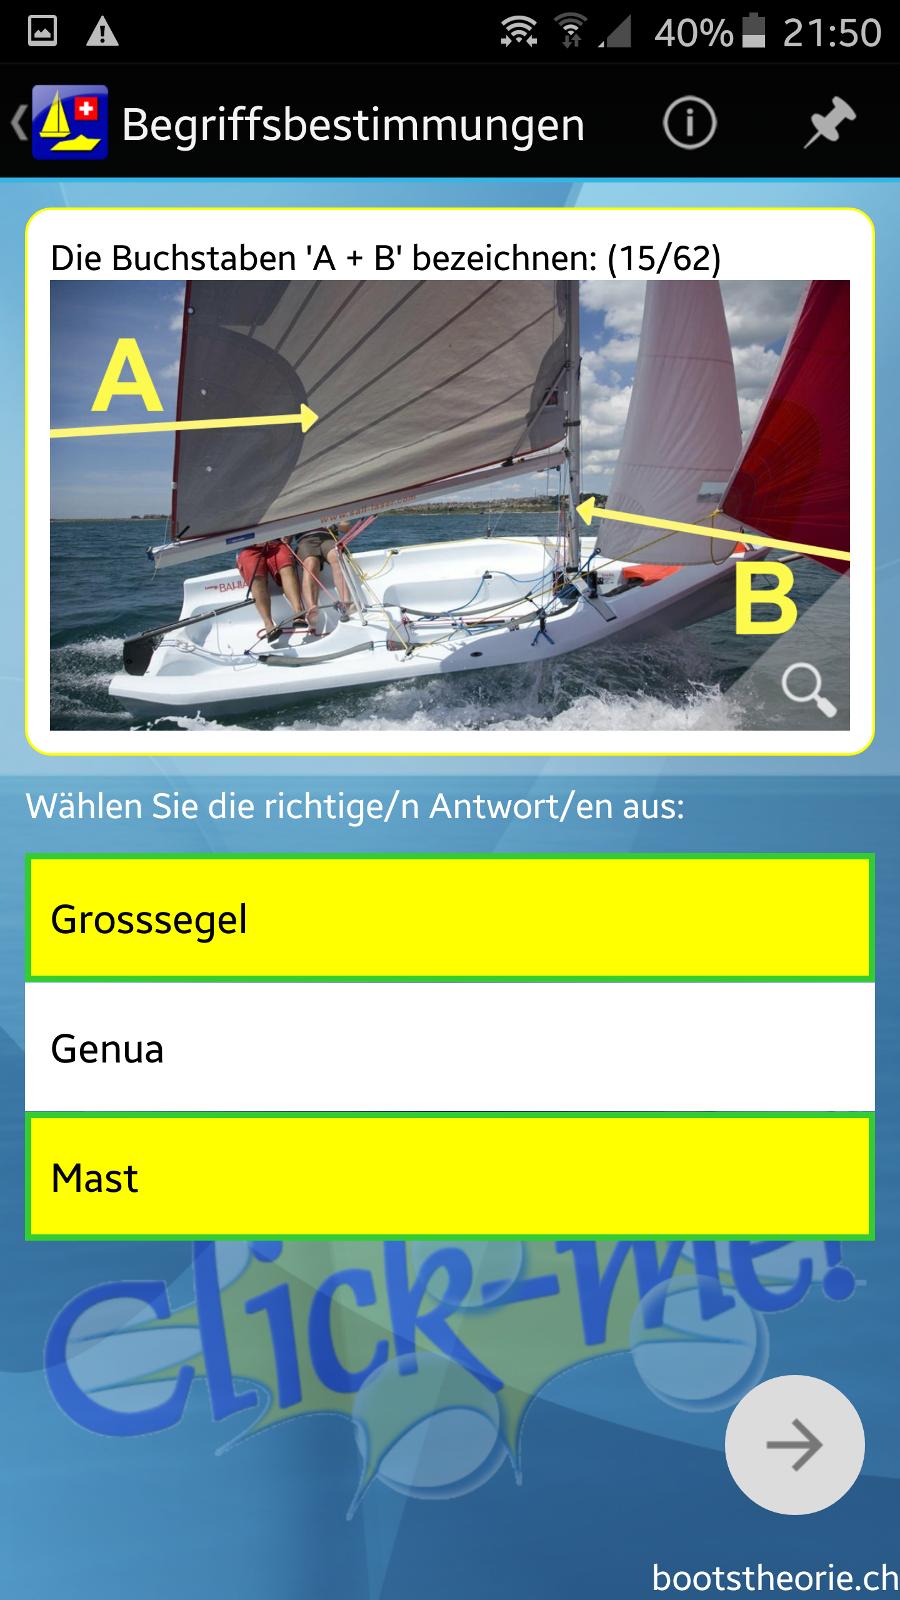 App Bootstheorie.ch